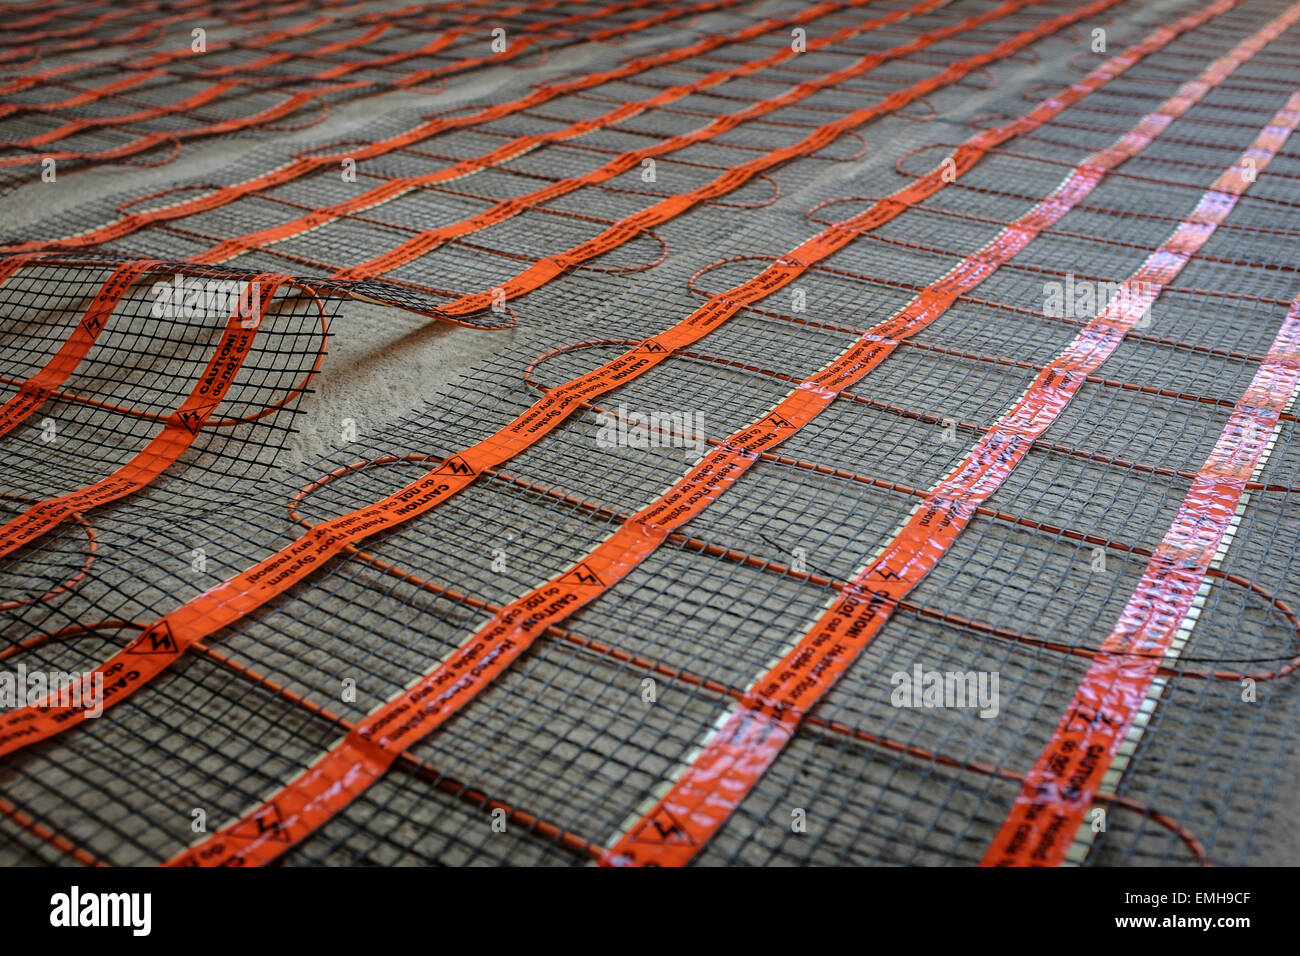 Riscaldamento A Pavimento E Tappeti riscaldamento a pavimento mat installazione; il tappeto è